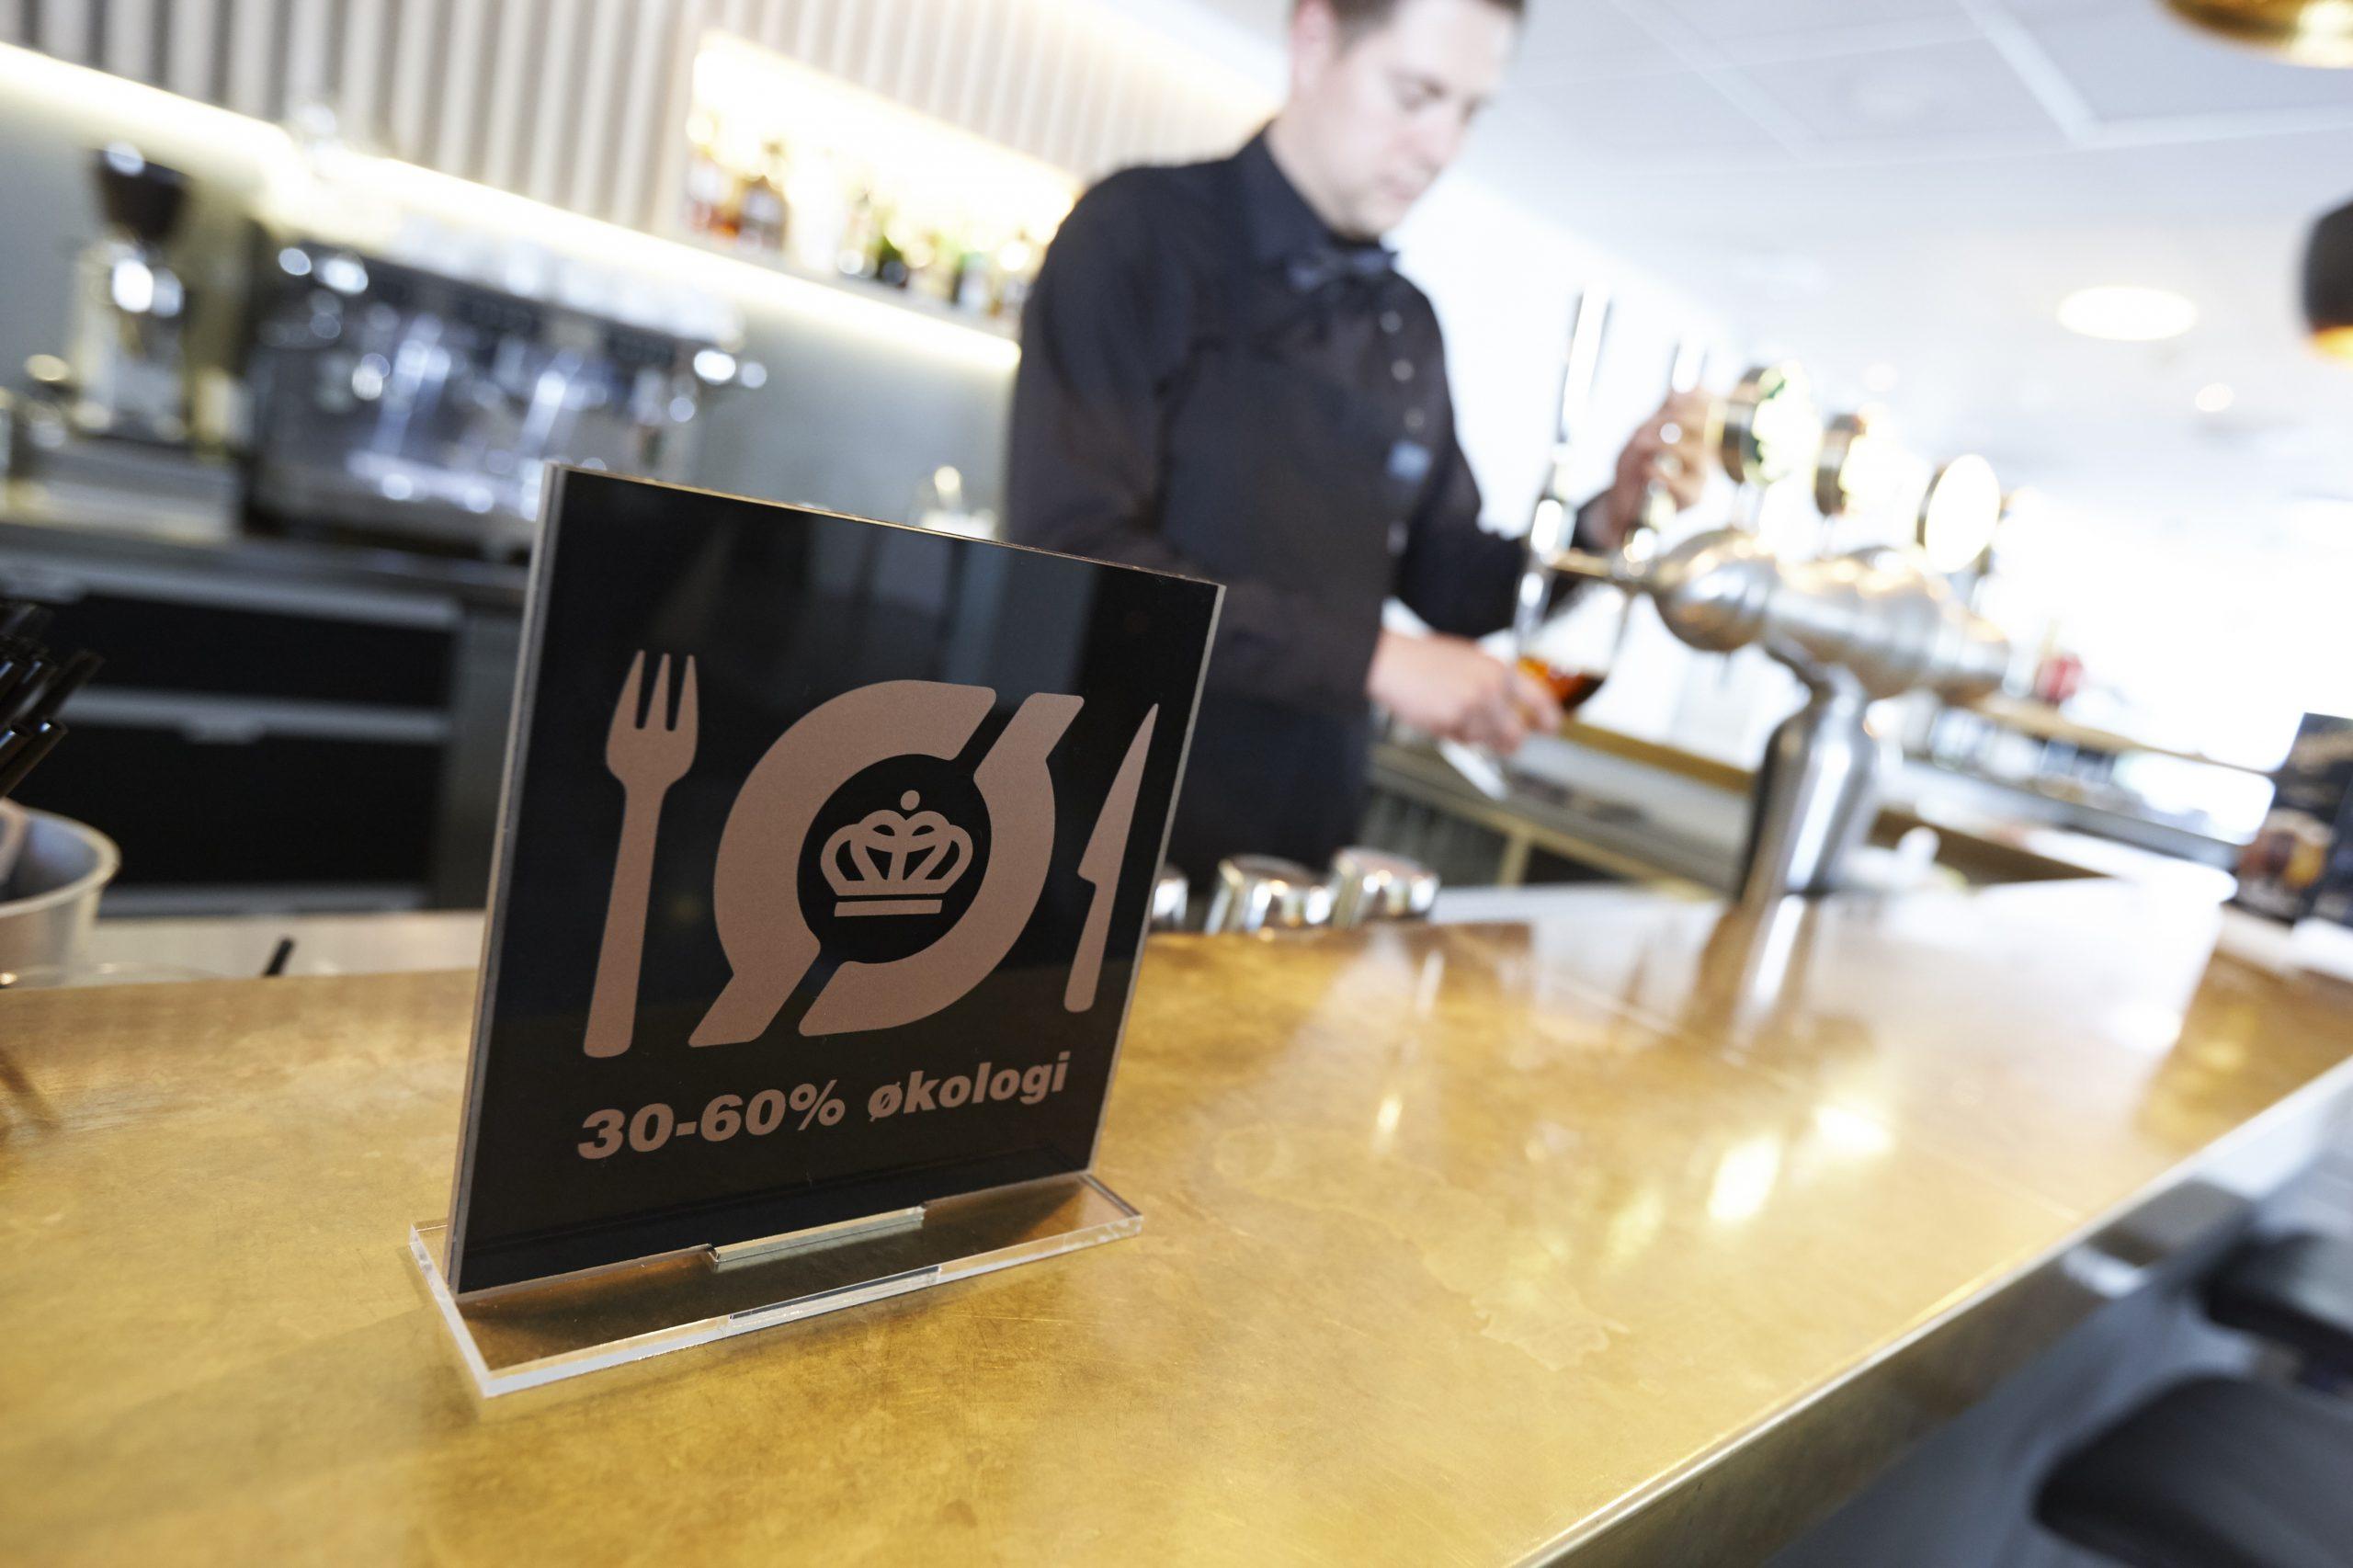 En ny app guider turisterne til de spisesteder, der har opnået det økologiske spisemærke. (Foto: Økologisk Landsforening)